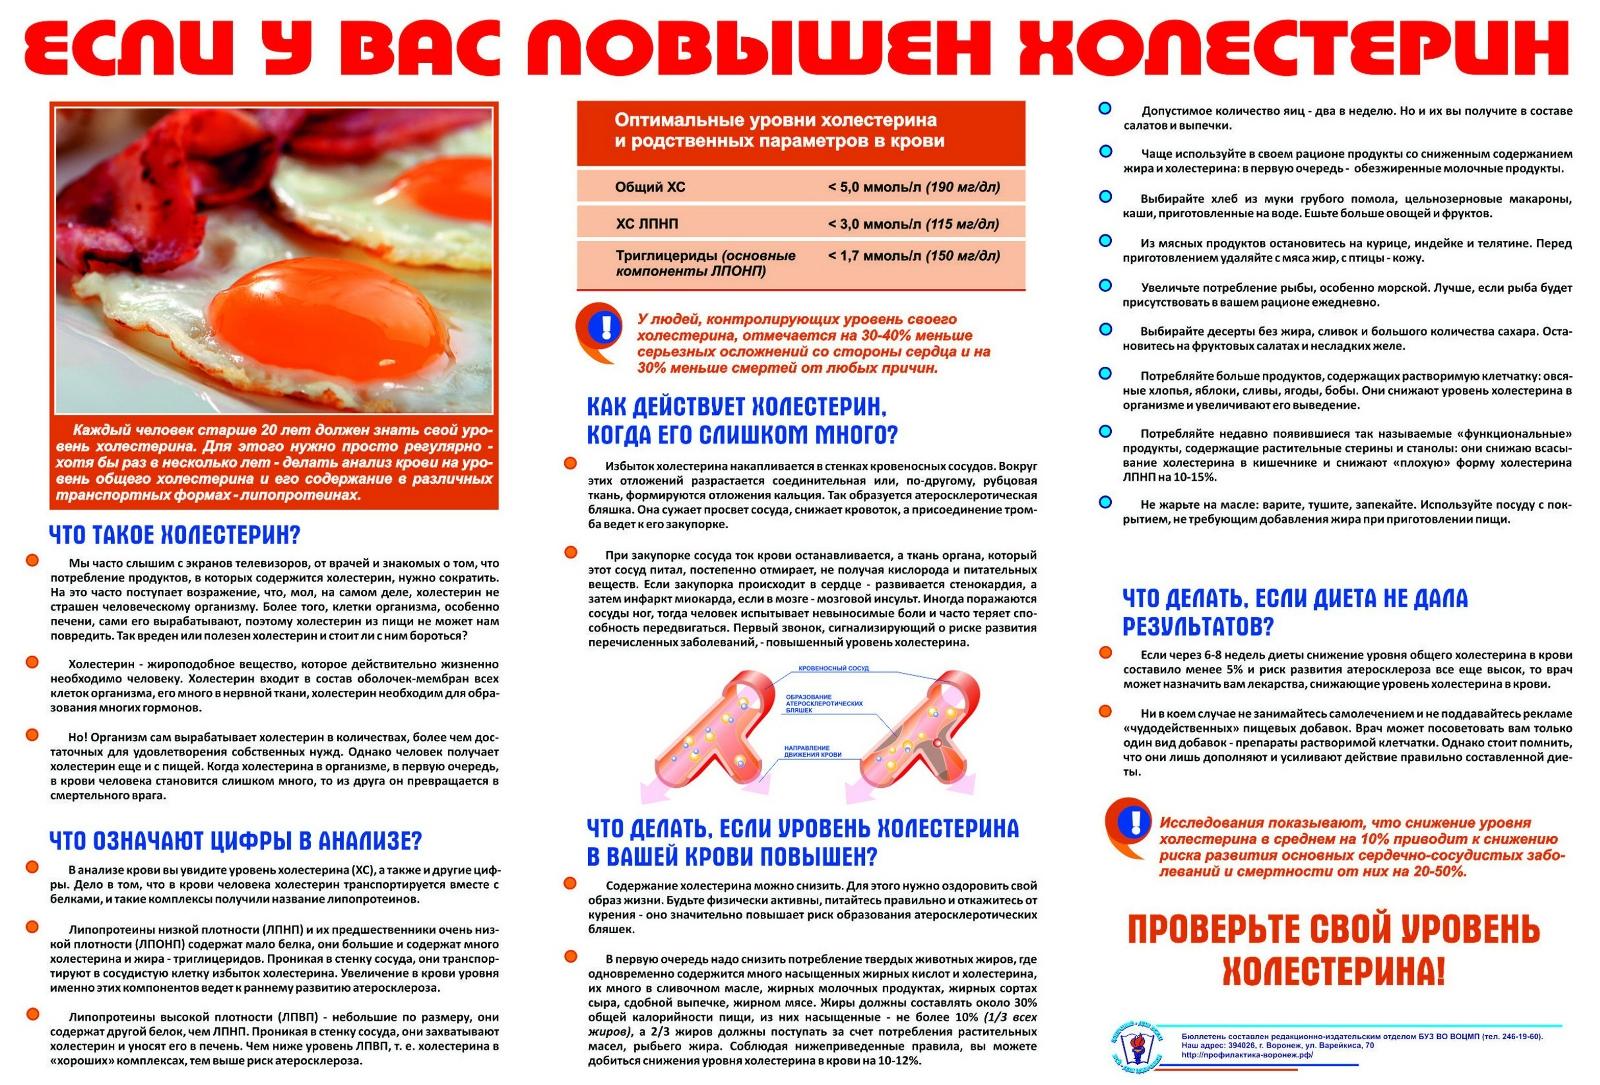 Холестериновая Диета Лечение Холестерина. Диета при повышенном уровне холестерина в крови